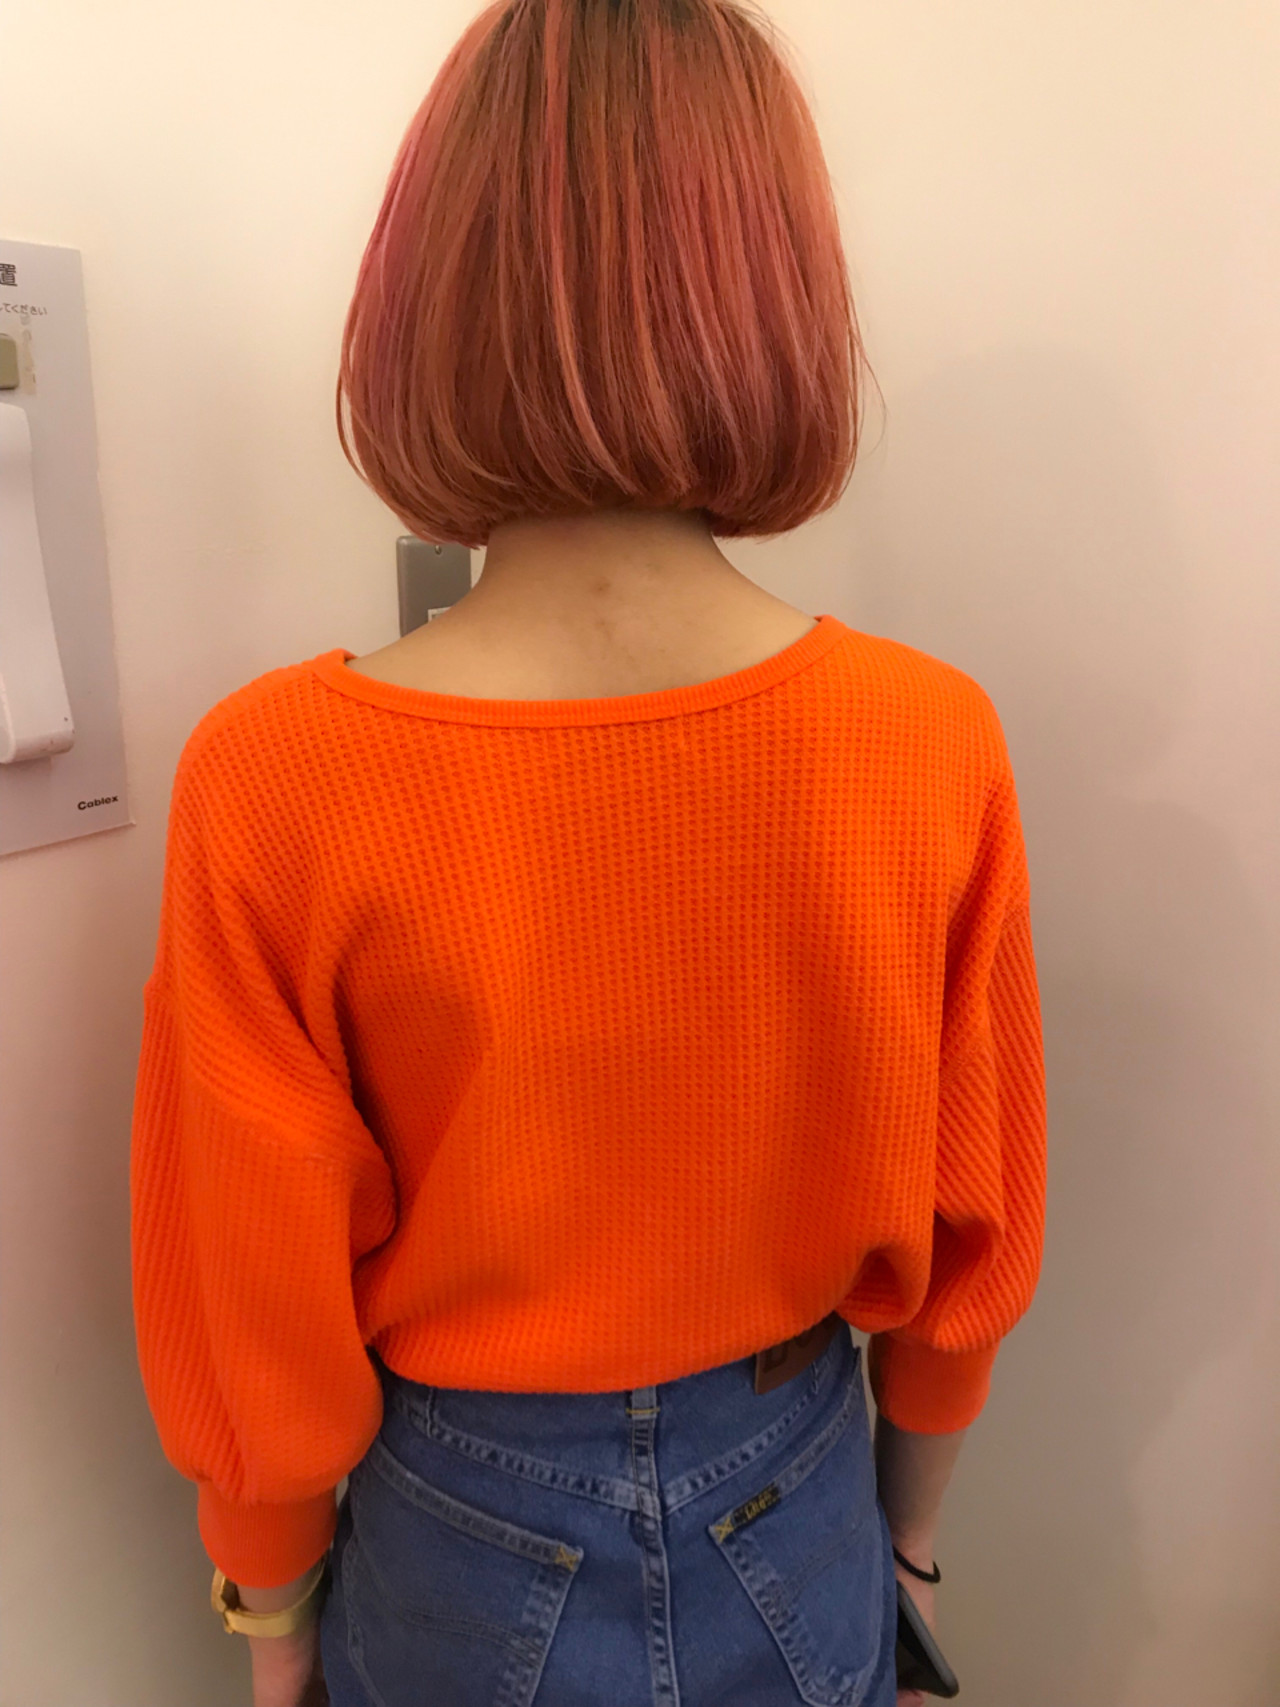 ナチュラル 夏 ヘアアレンジ アウトドア ヘアスタイルや髪型の写真・画像   yumiko/sapporoSKNOW / SKNOW